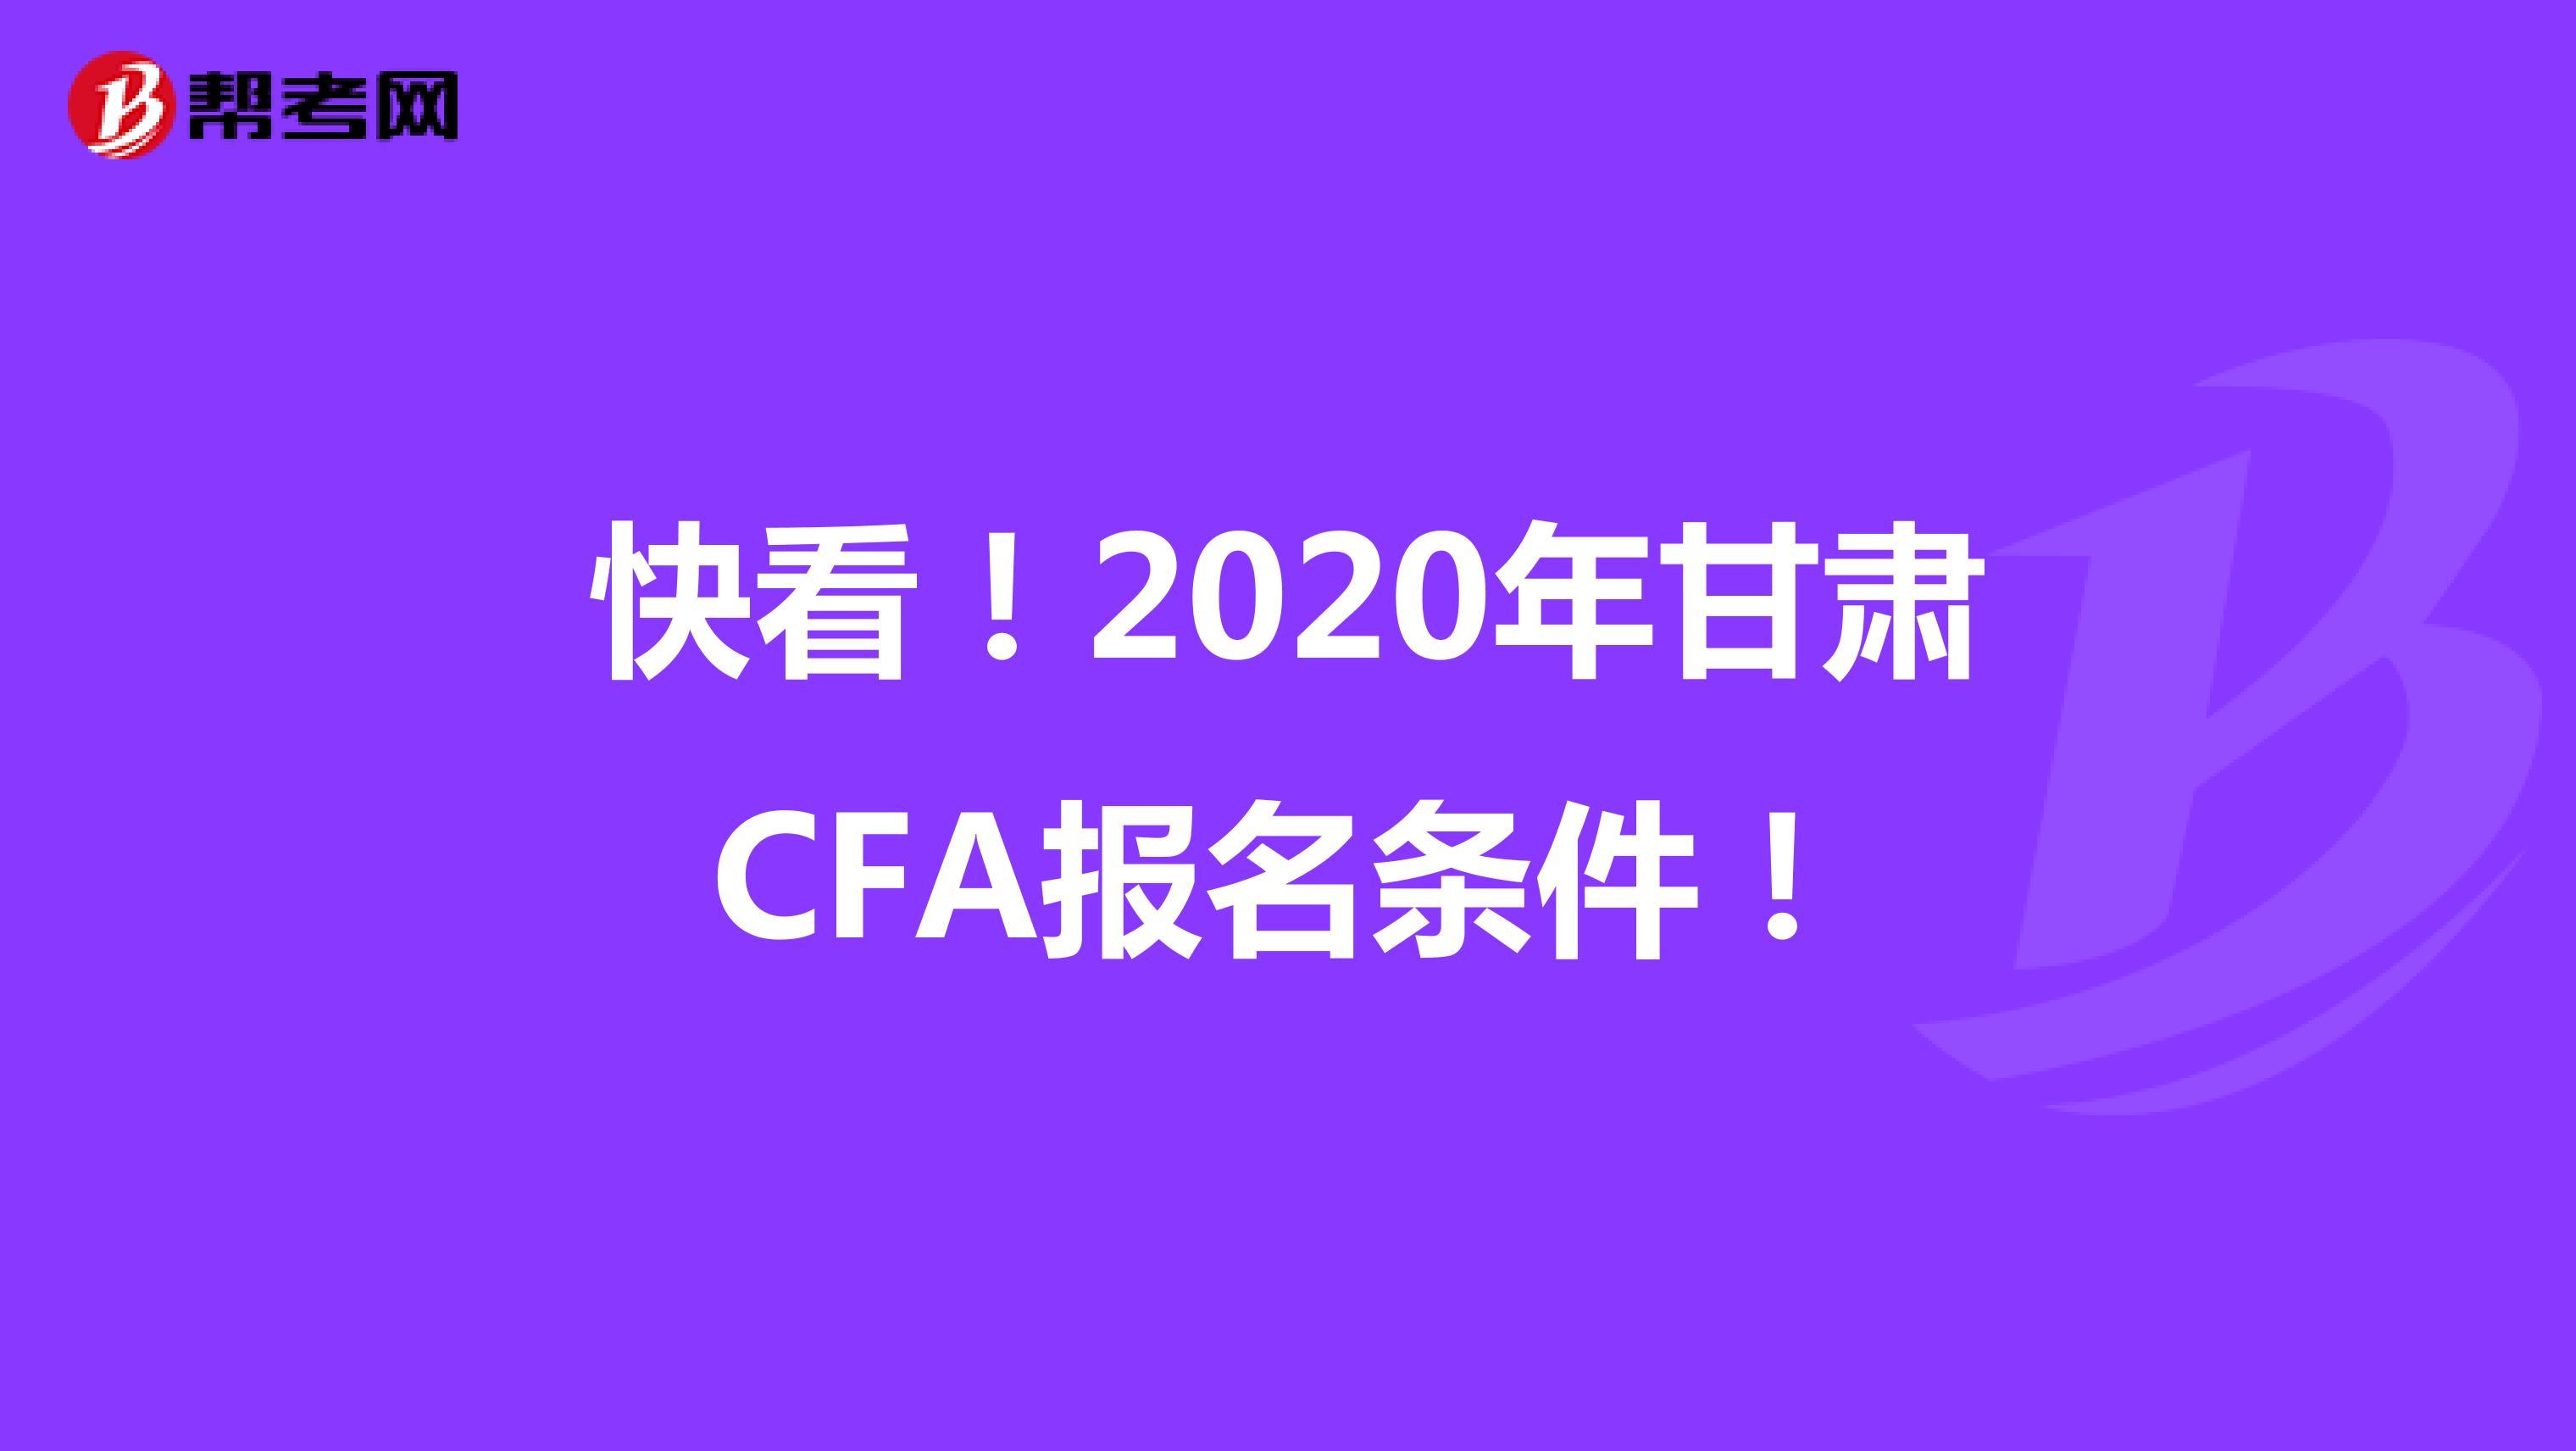 快看!2020年甘肃CFA报名条件!